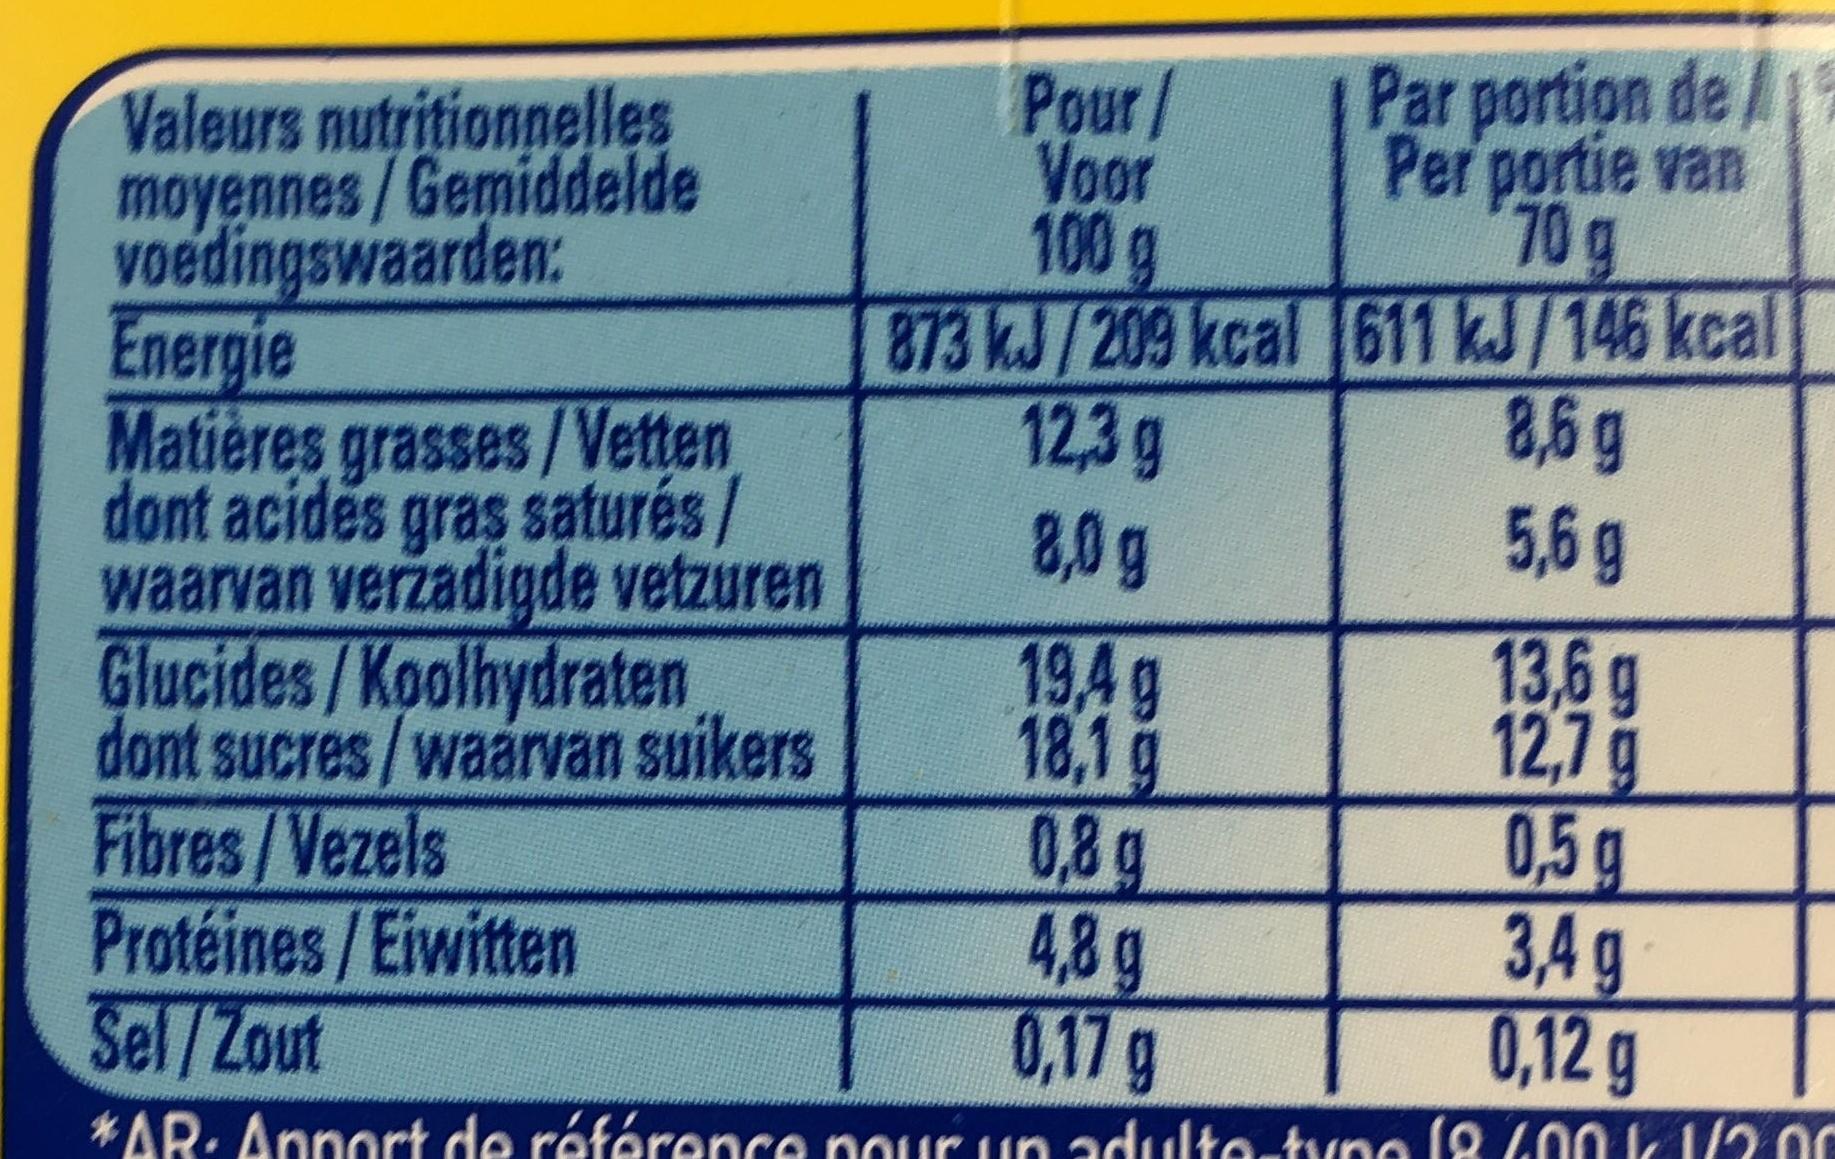 La Laitière Velours de Crème saveur Chocolat Noisette - Informations nutritionnelles - fr